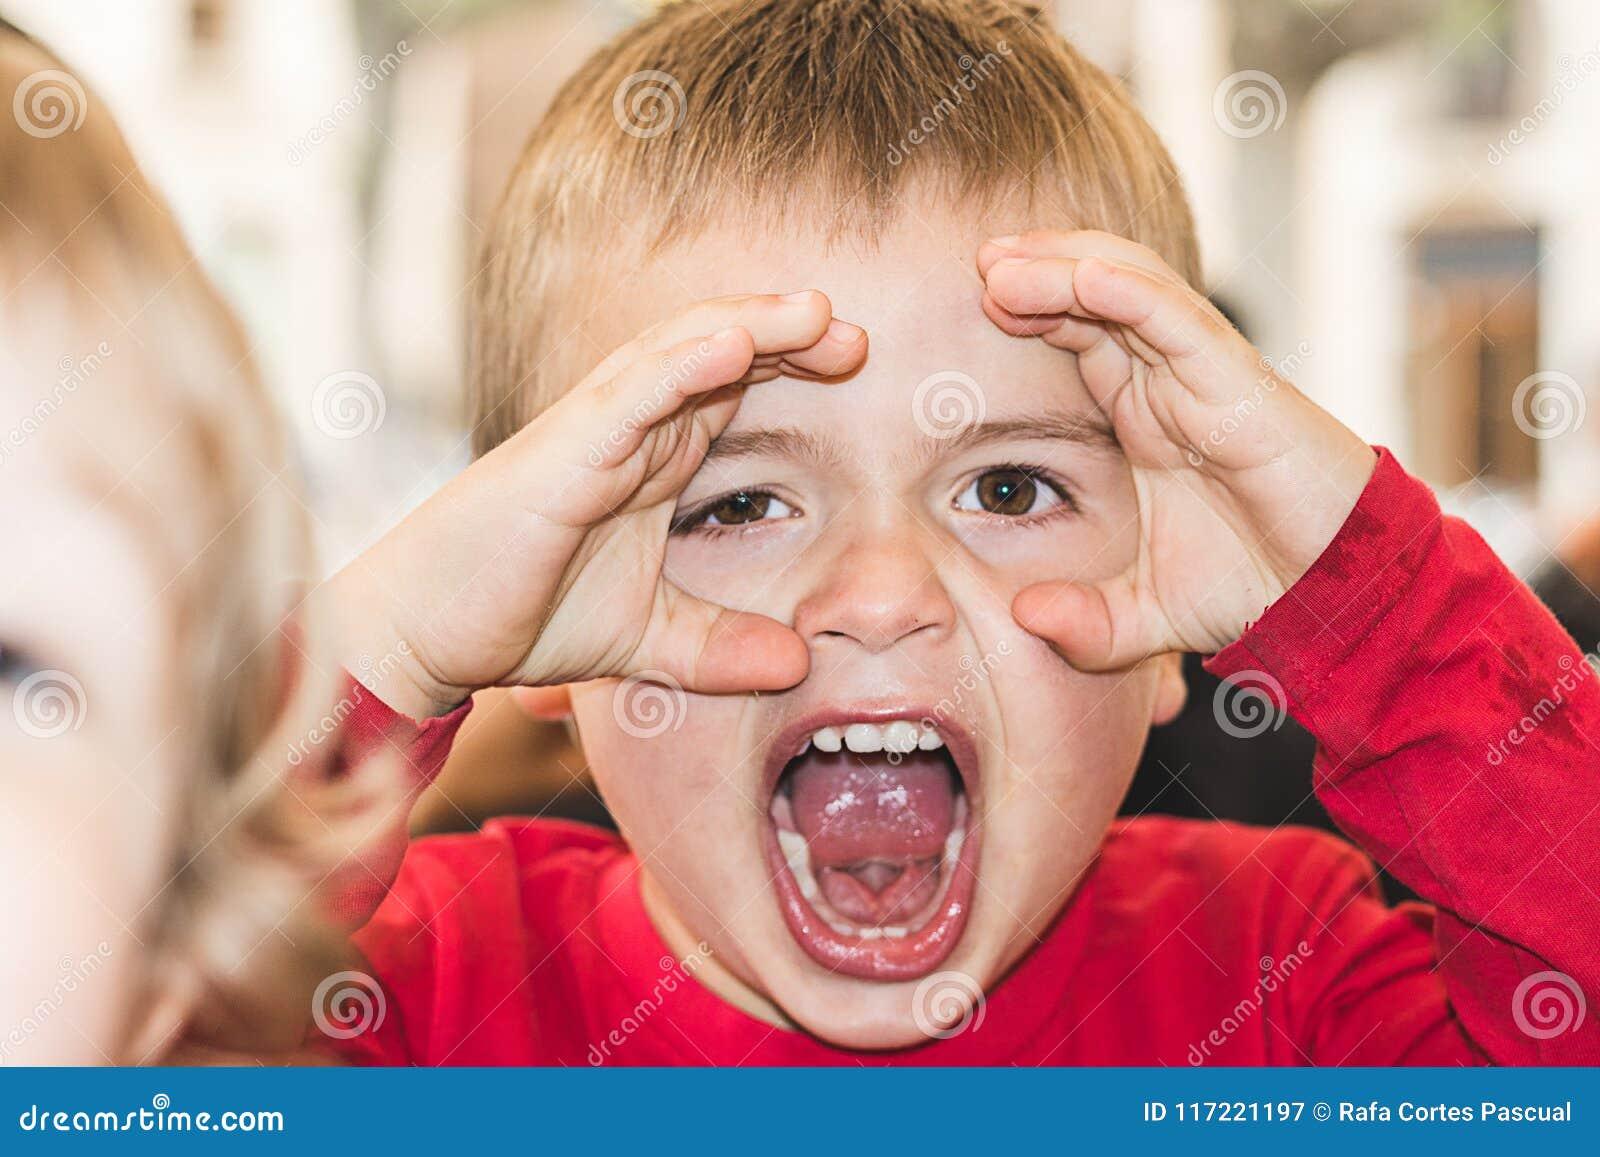 Criança com mãos nos olhos a observar